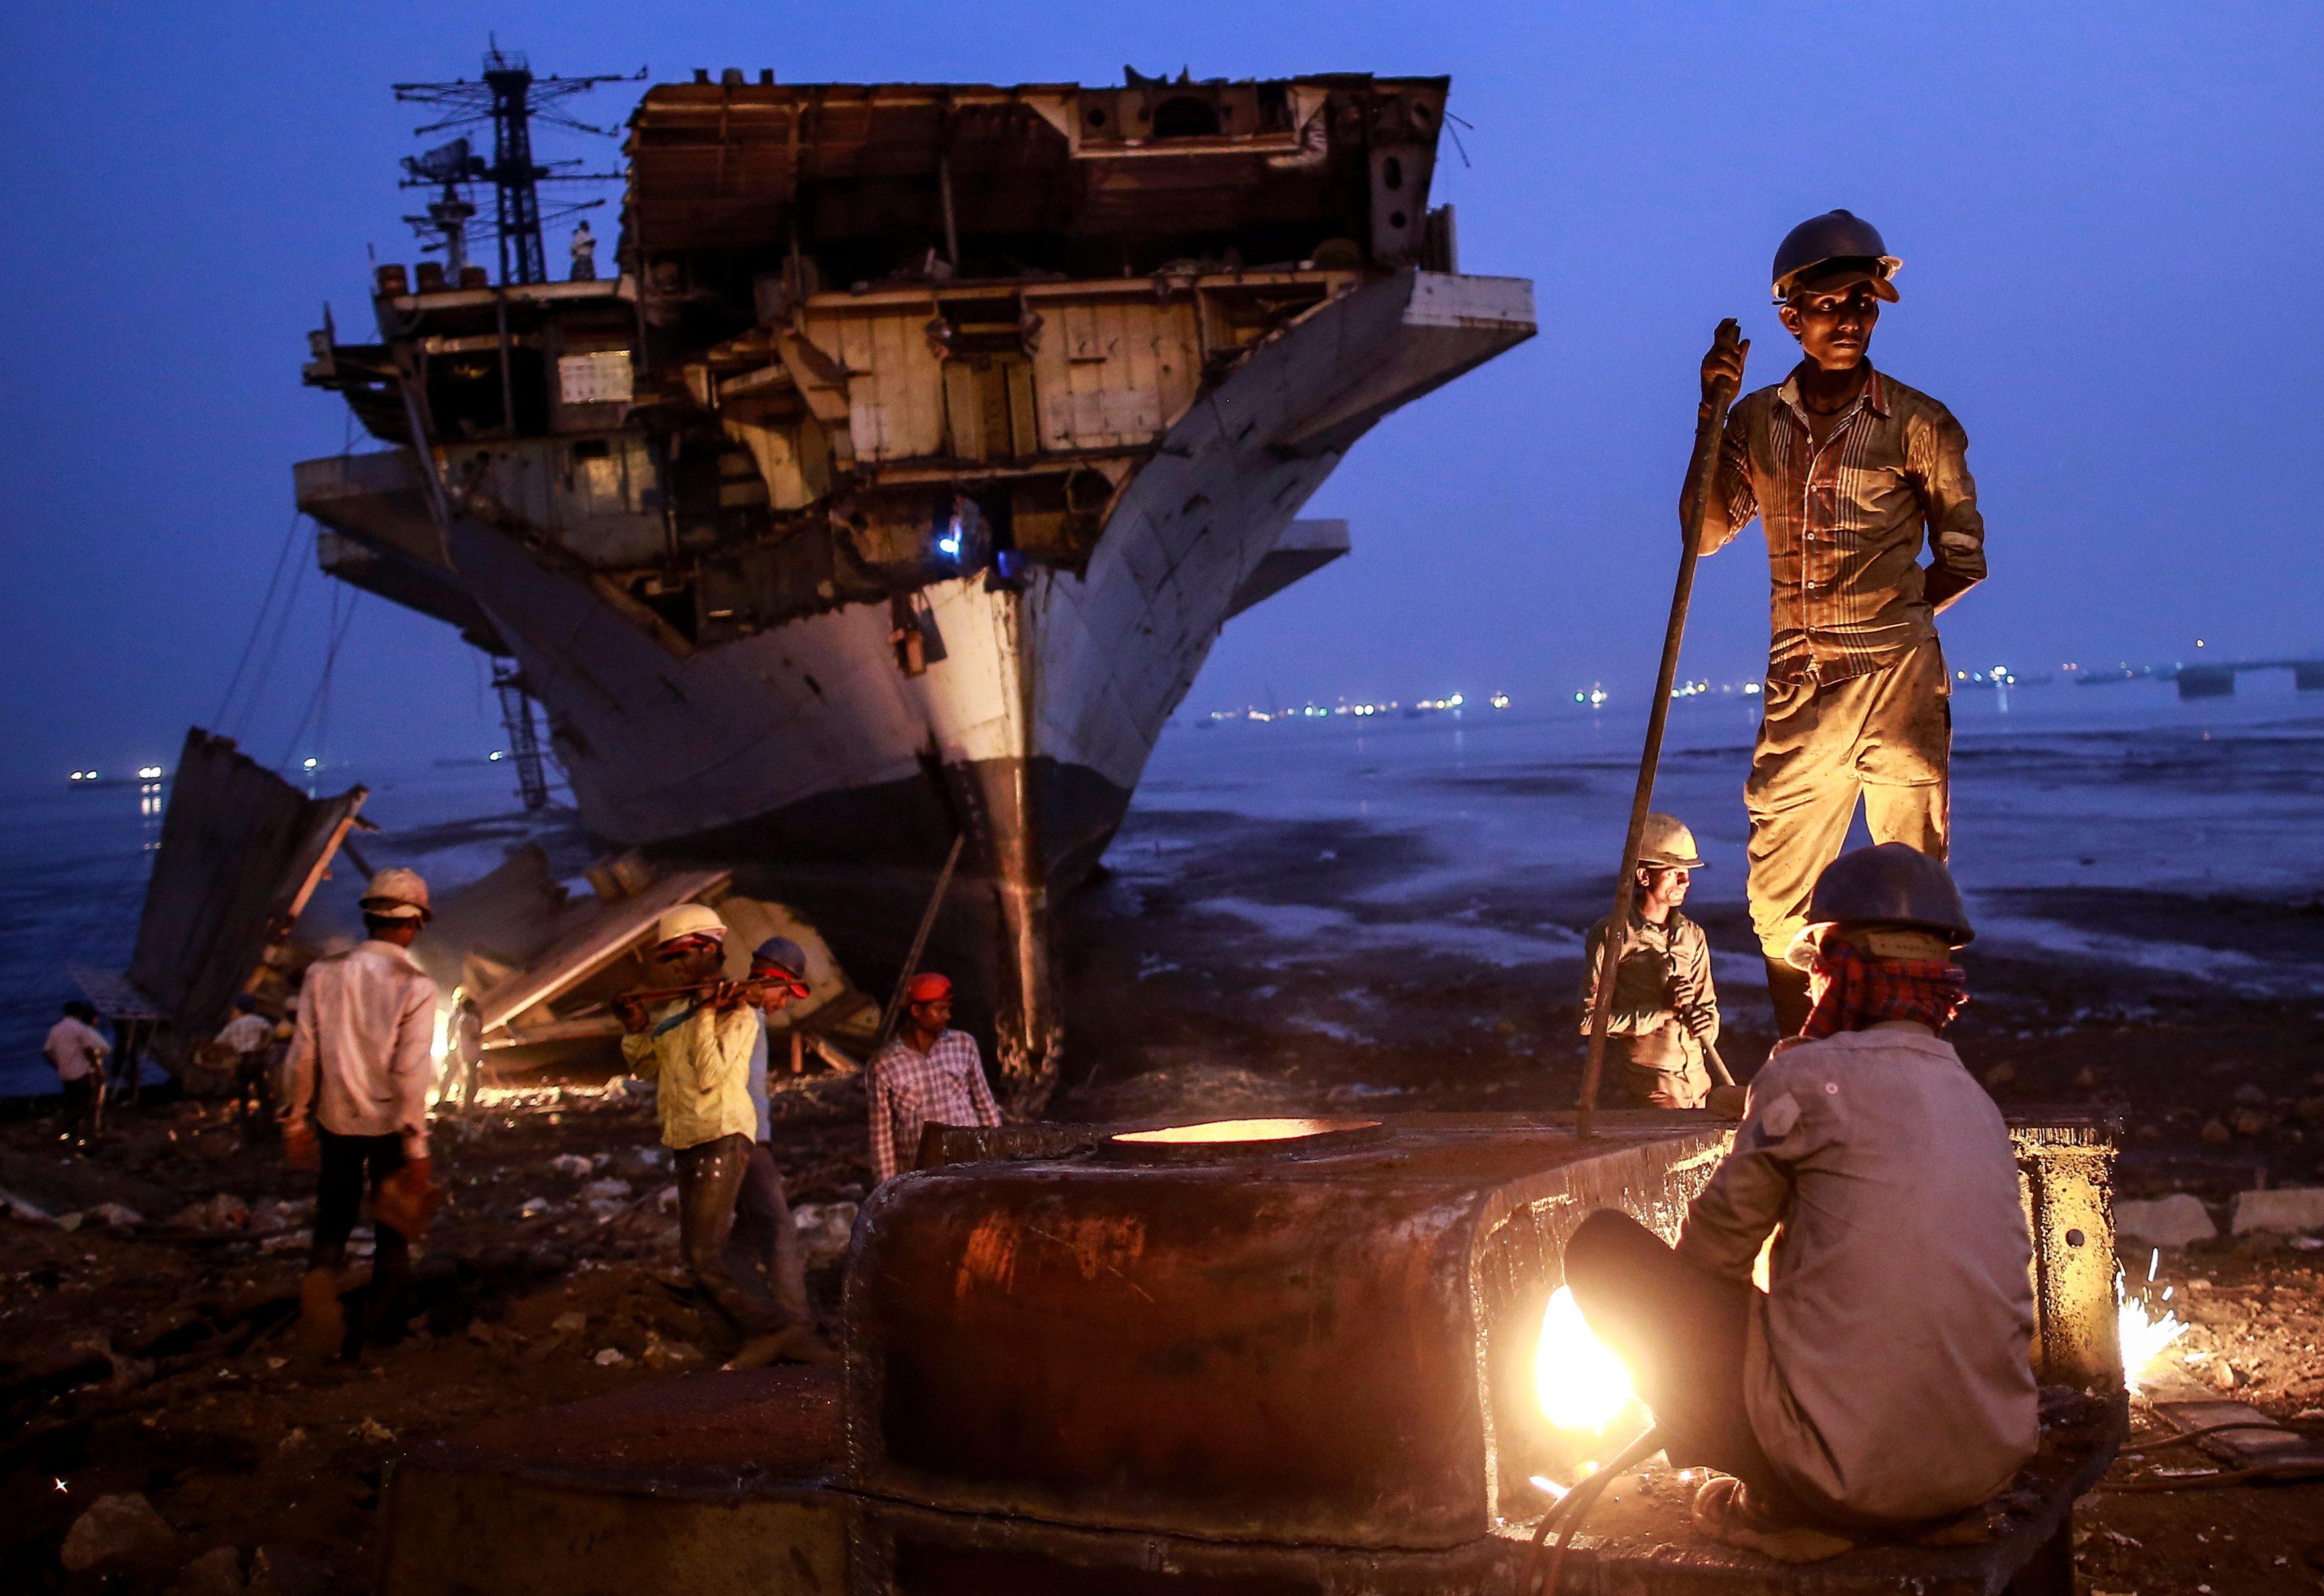 Un trabajador utiliza un cortador de metal mientras otros llevan a desmantelar partes del buque de la Armada India INS Vikrant retirado del servicio en un astillero de desguace en Mumbai 24 de noviembre de 2014.